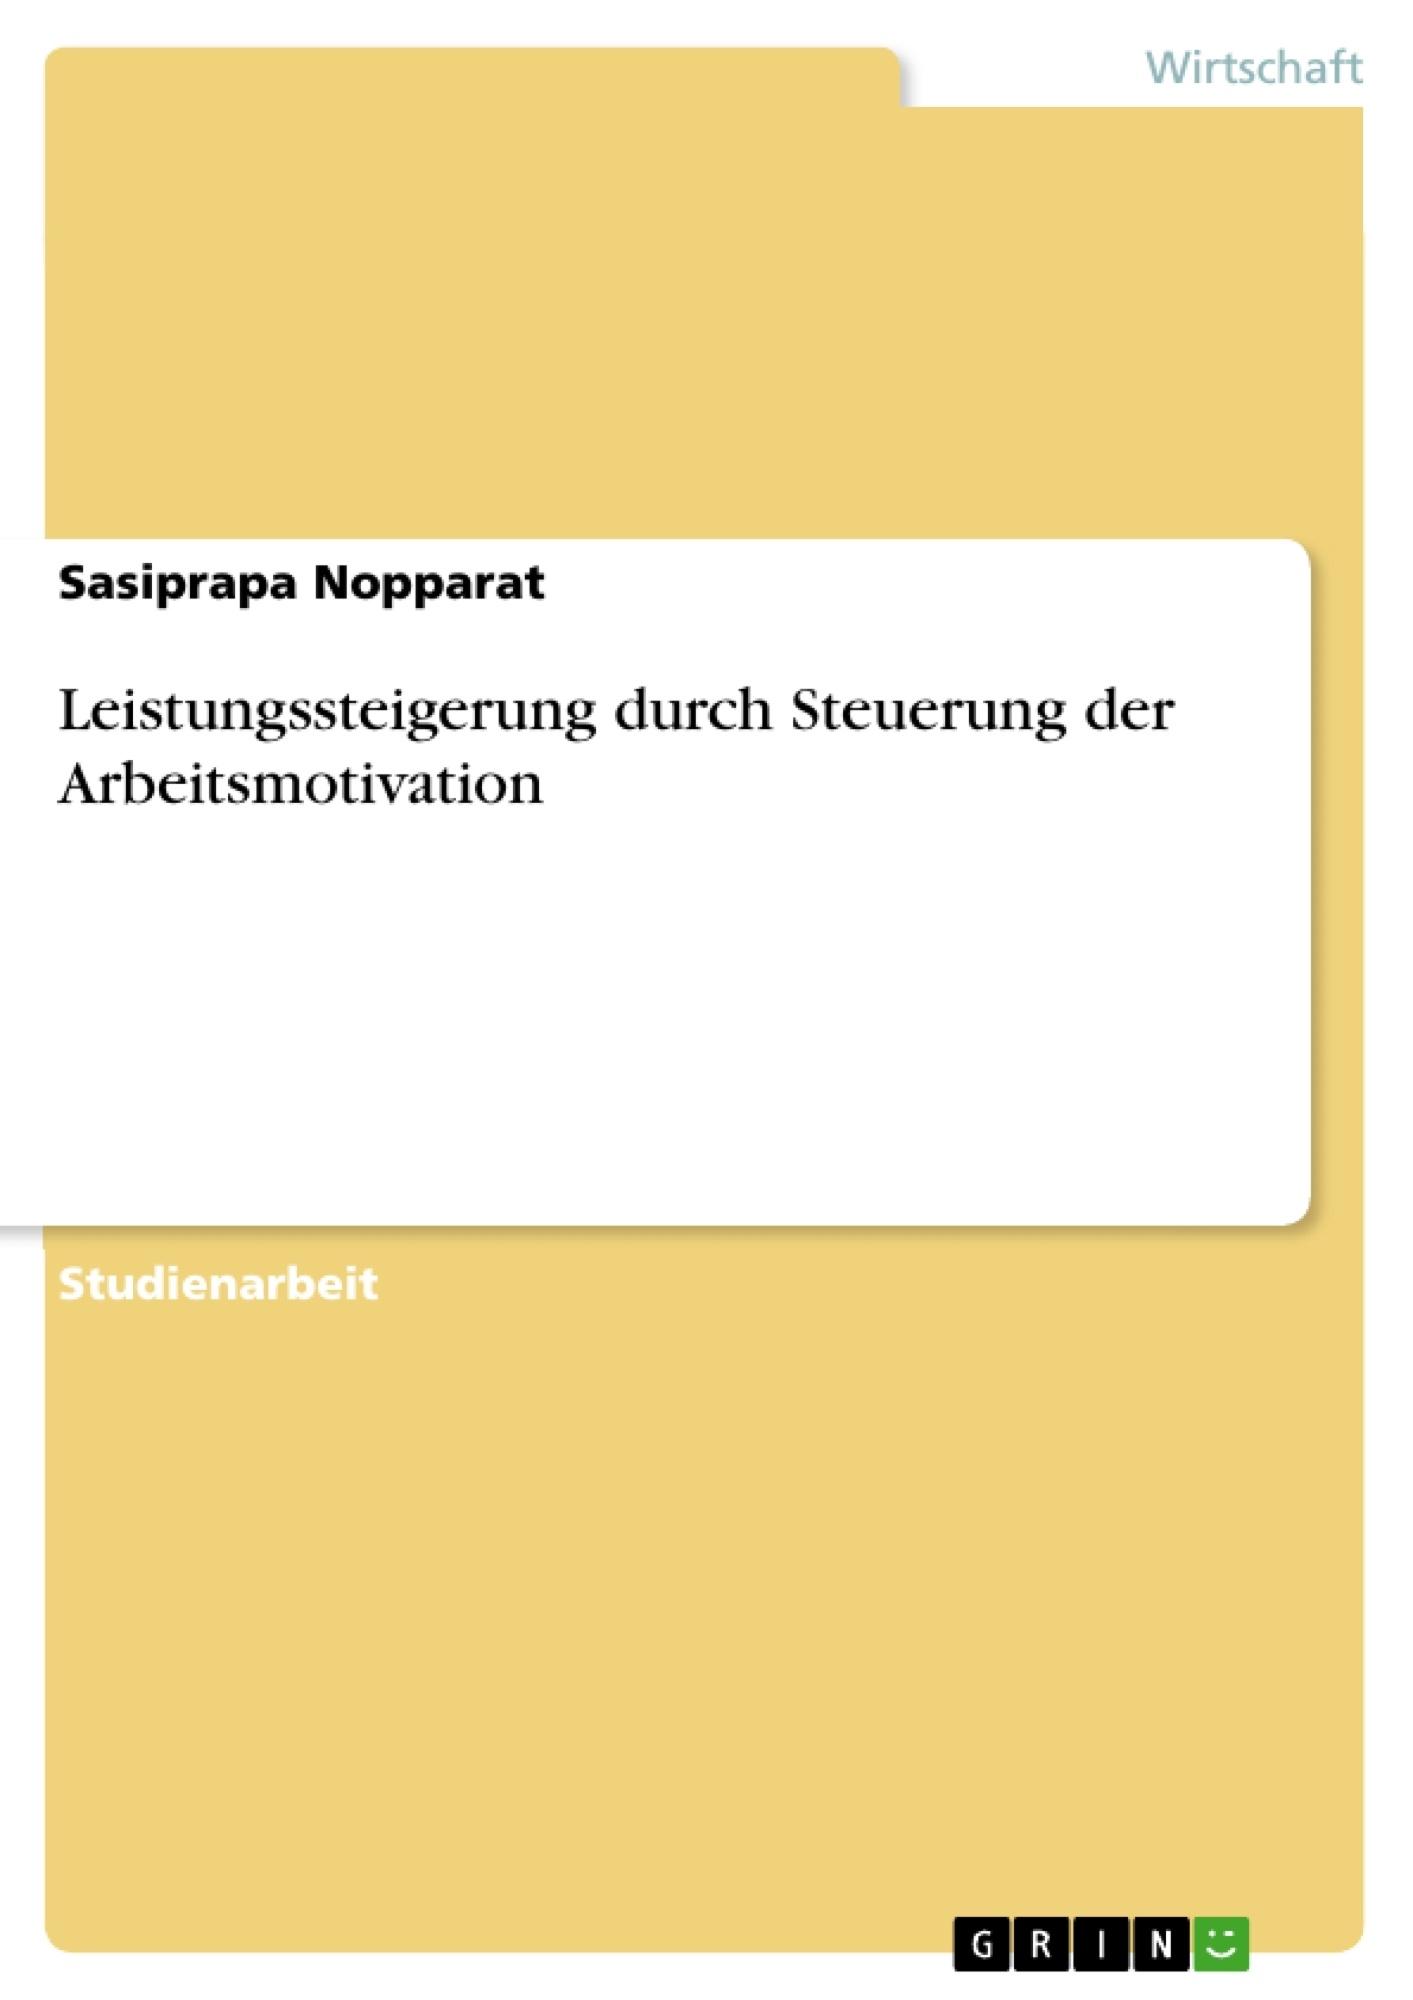 Titel: Leistungssteigerung durch Steuerung der Arbeitsmotivation